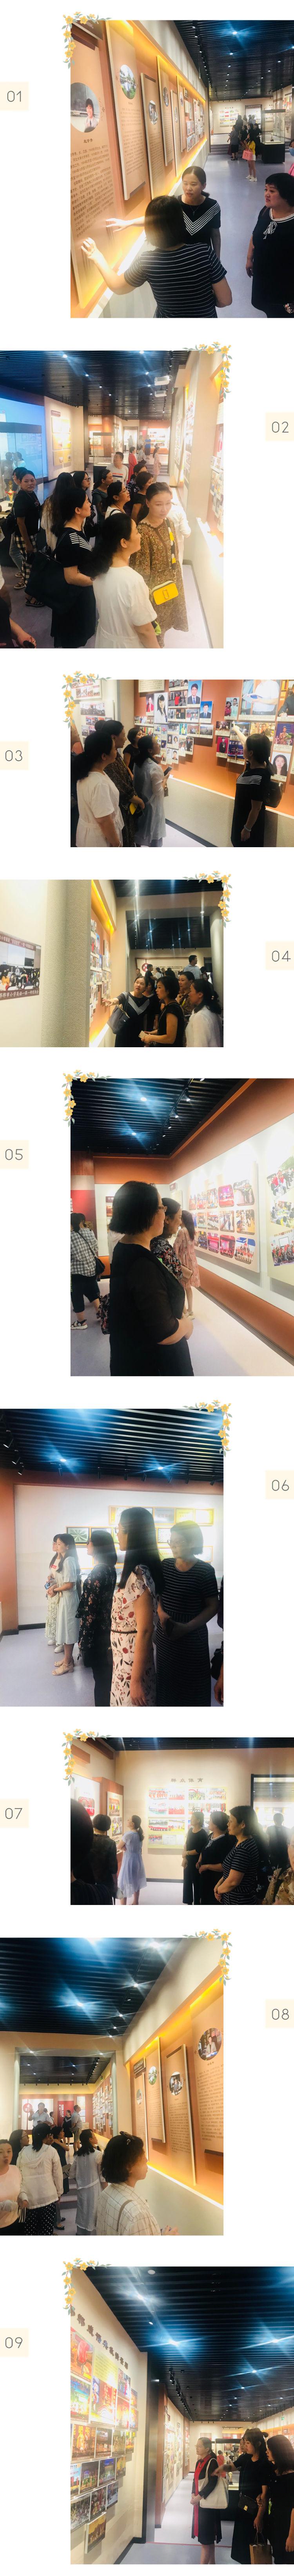 邯郸市中华桥小学教师参观丛台区文史馆纪实